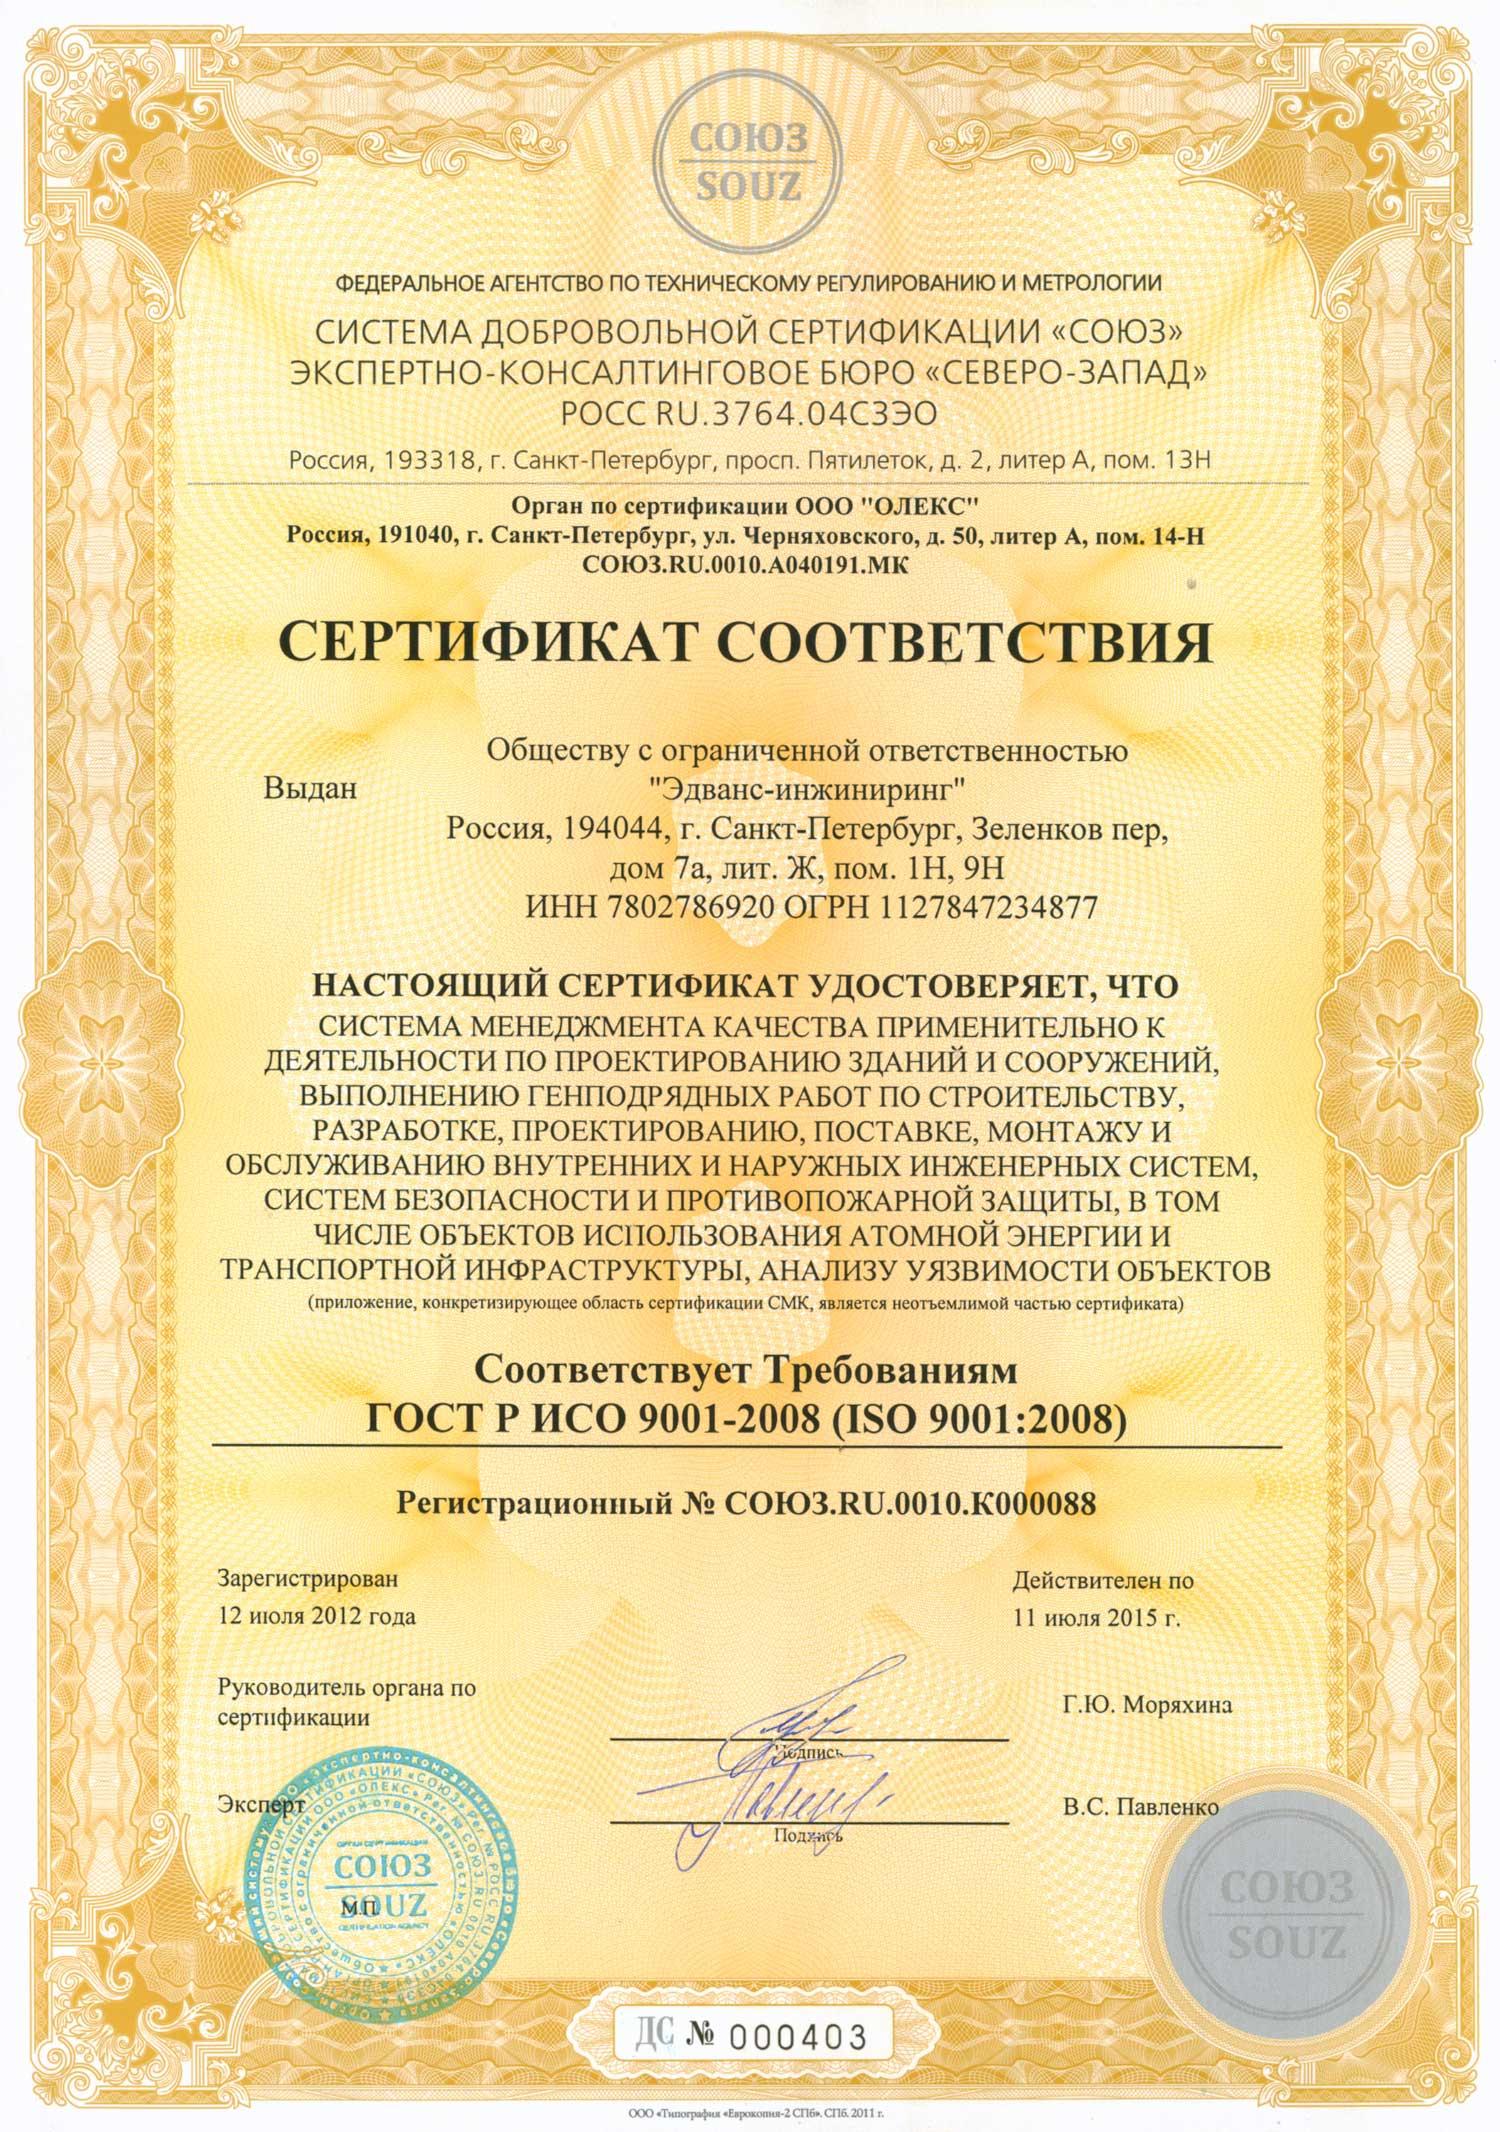 Сертификат соответствия СМК ISO 9001:2008